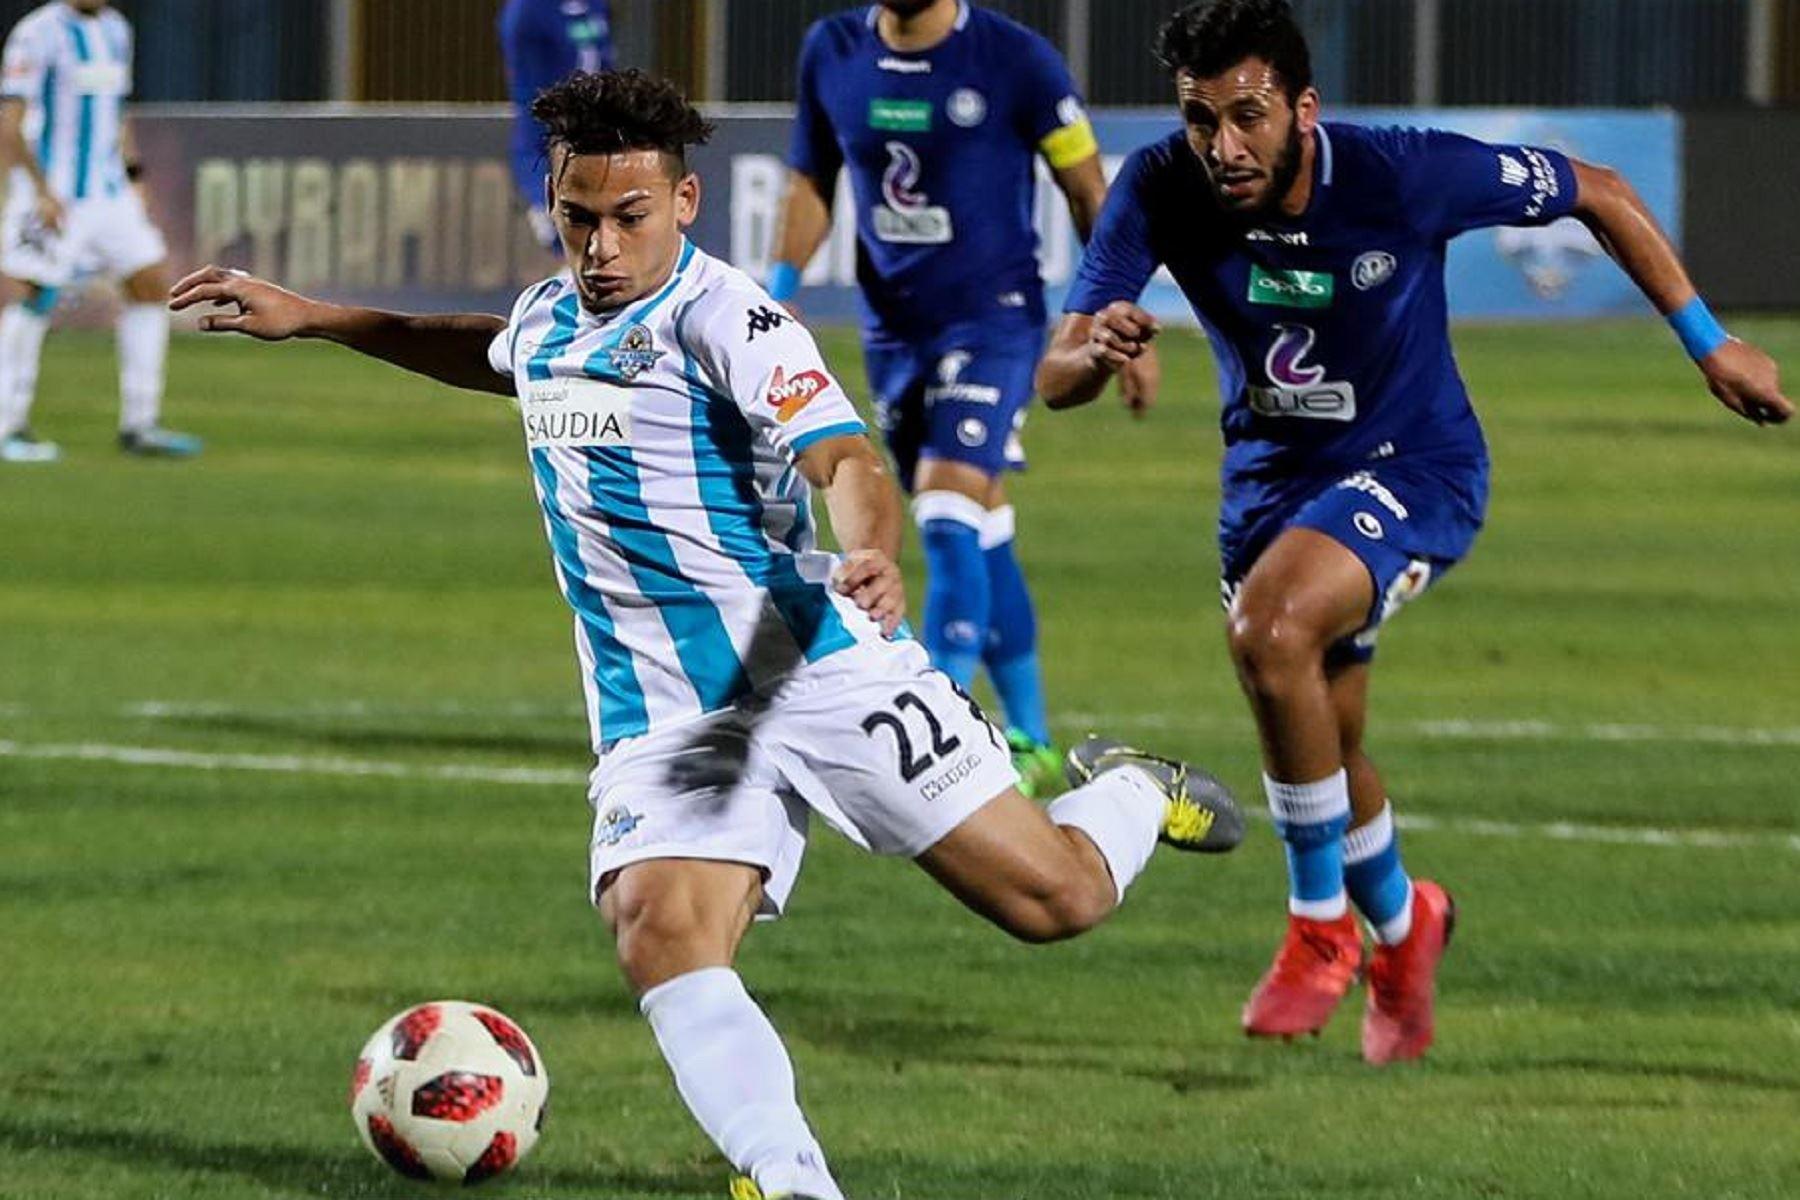 Cristian Benavente jugará en una de las ligas top de Europa. Foto: Facebook/Pyramids FC